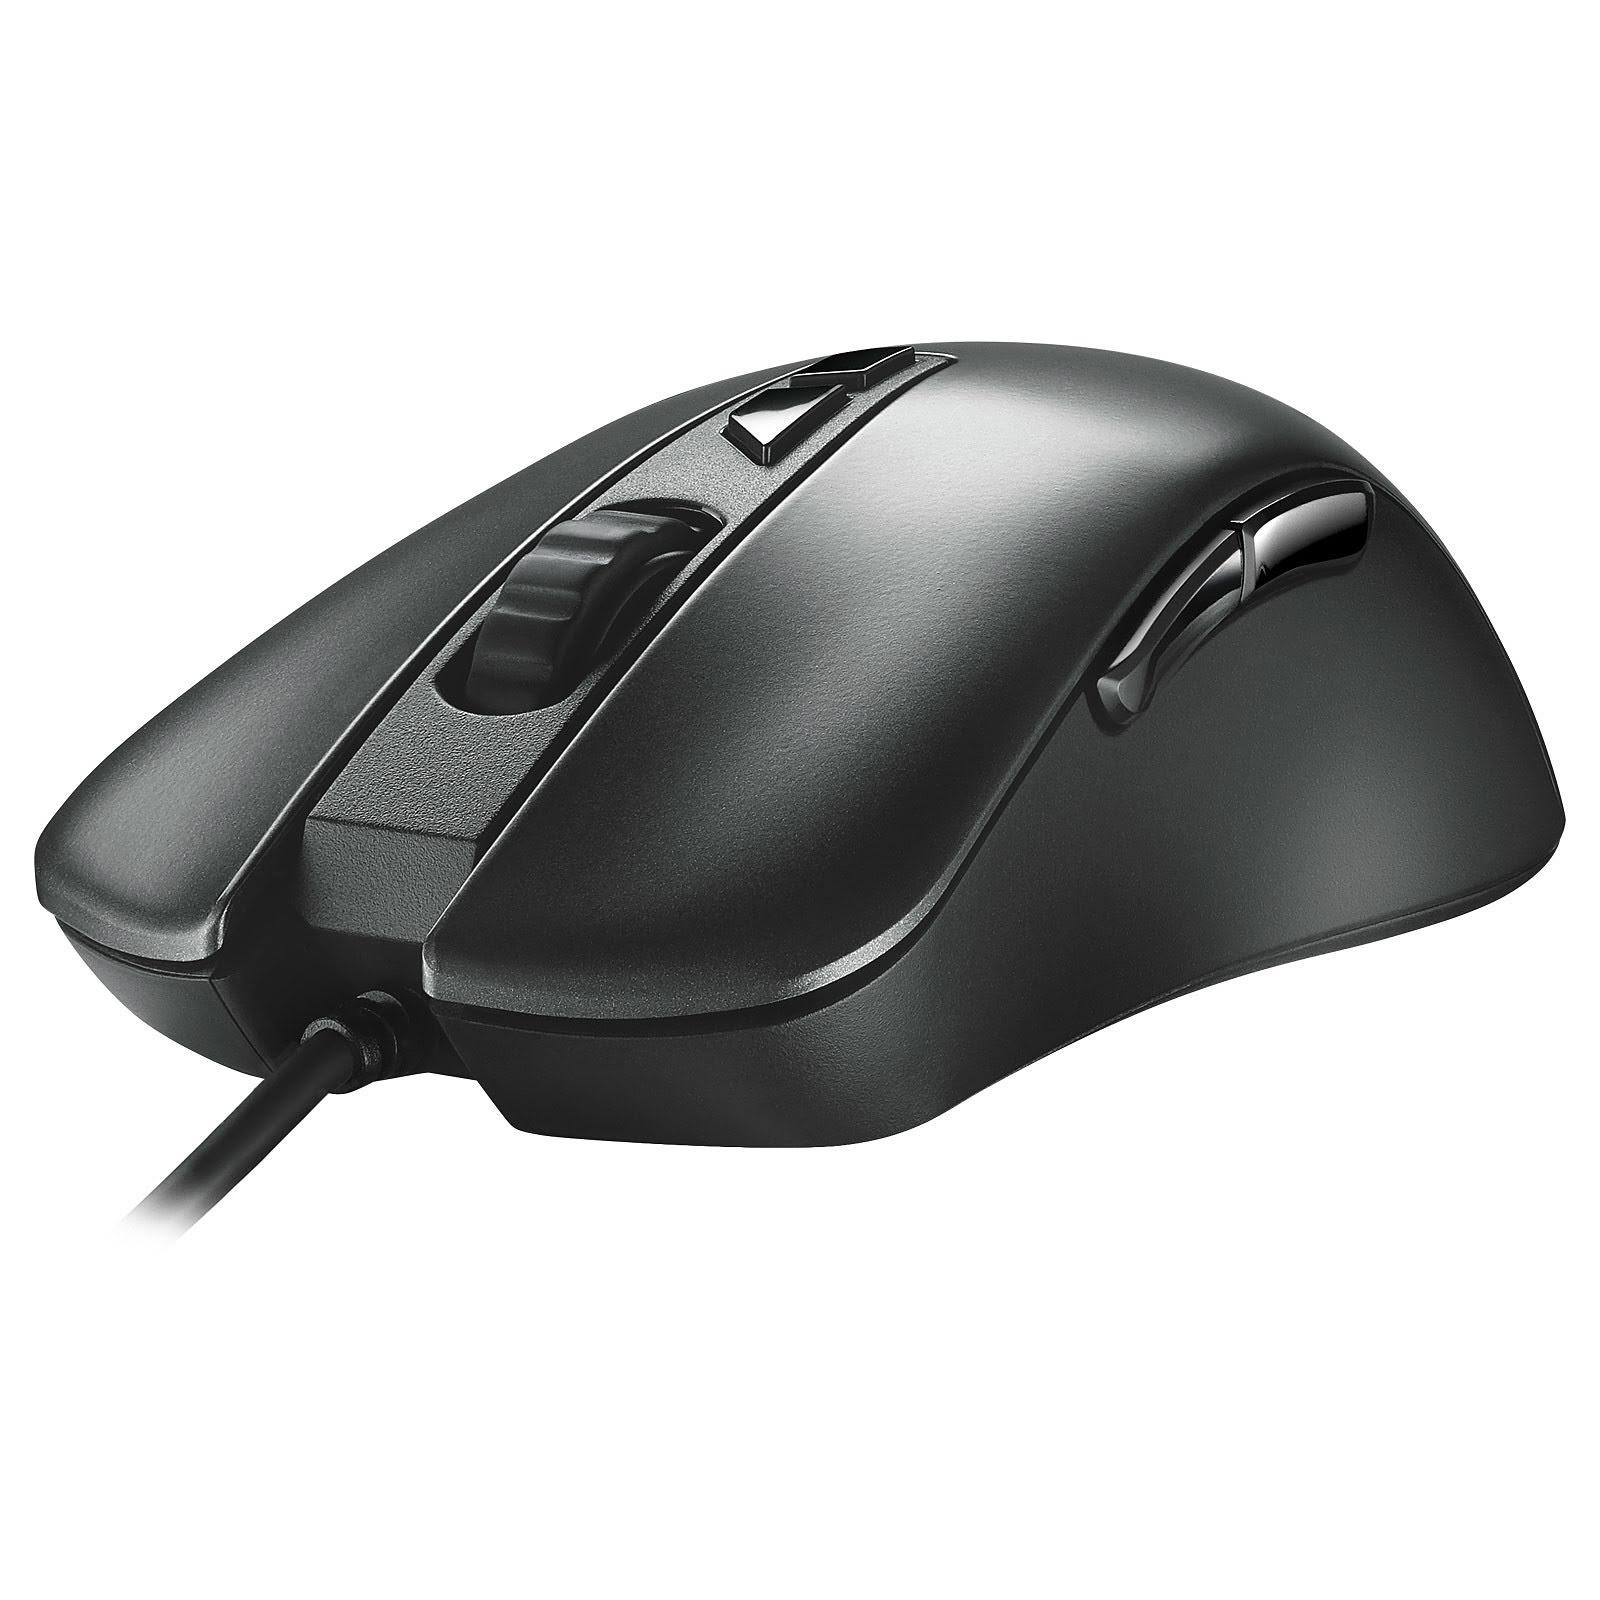 Asus TUF Gaming M3 - Souris PC Asus - Cybertek.fr - 3